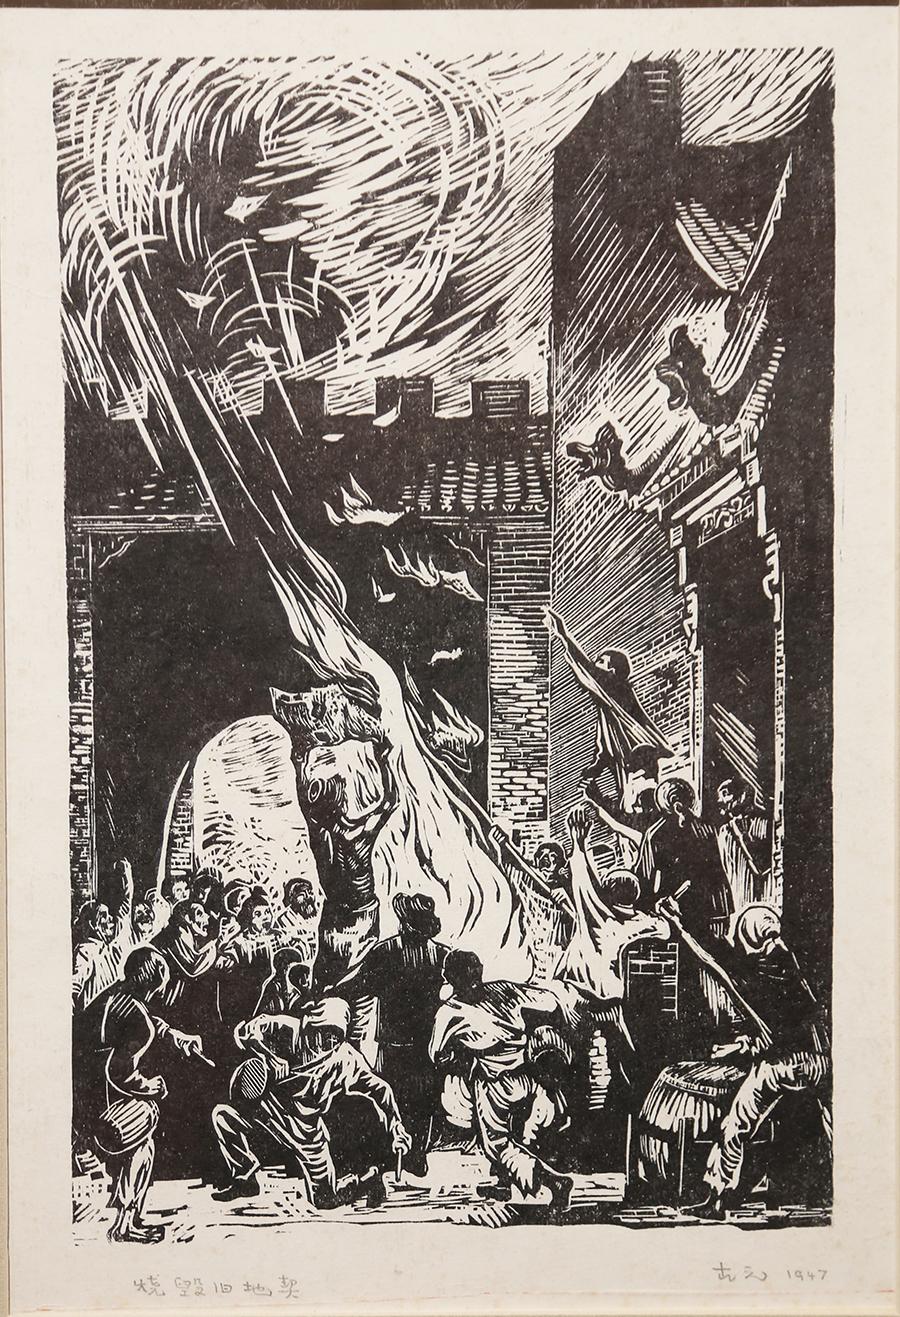 古元《烧毁地契》版画 1947年 古元美术馆藏